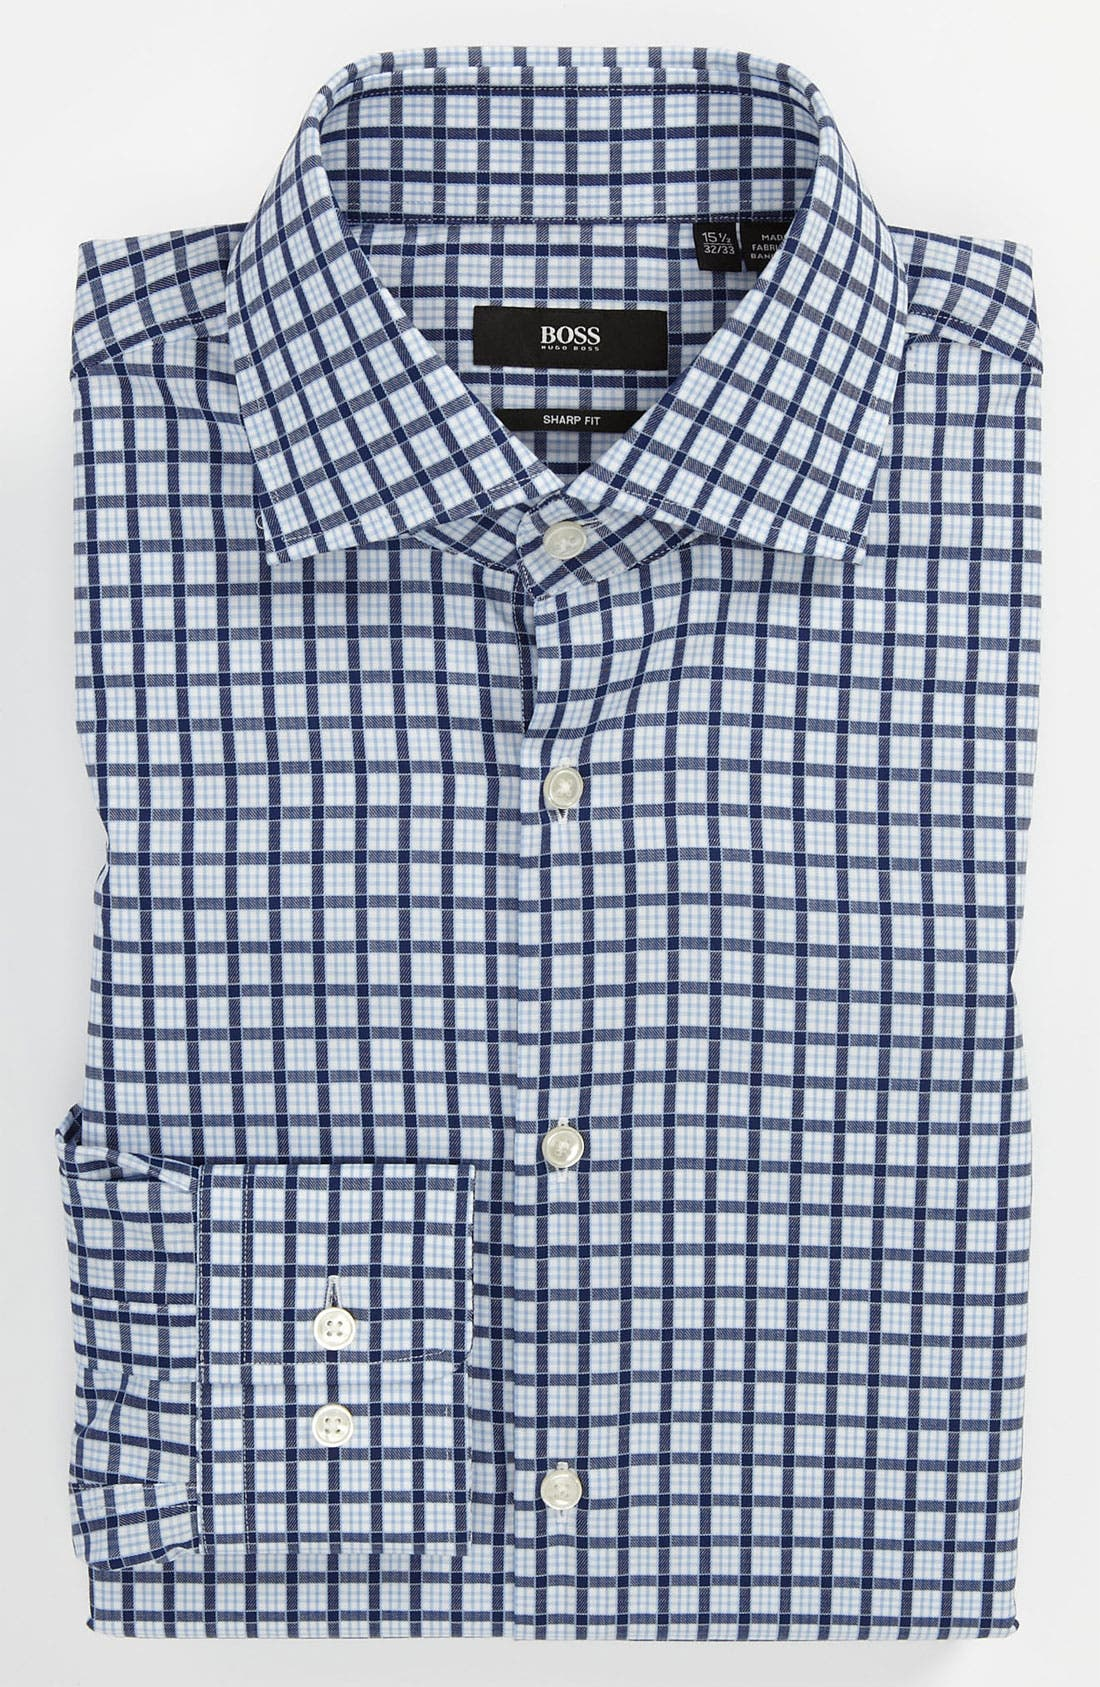 Alternate Image 1 Selected - BOSS HUGO BOSS Sharp Fit Dress Shirt (Online Only)